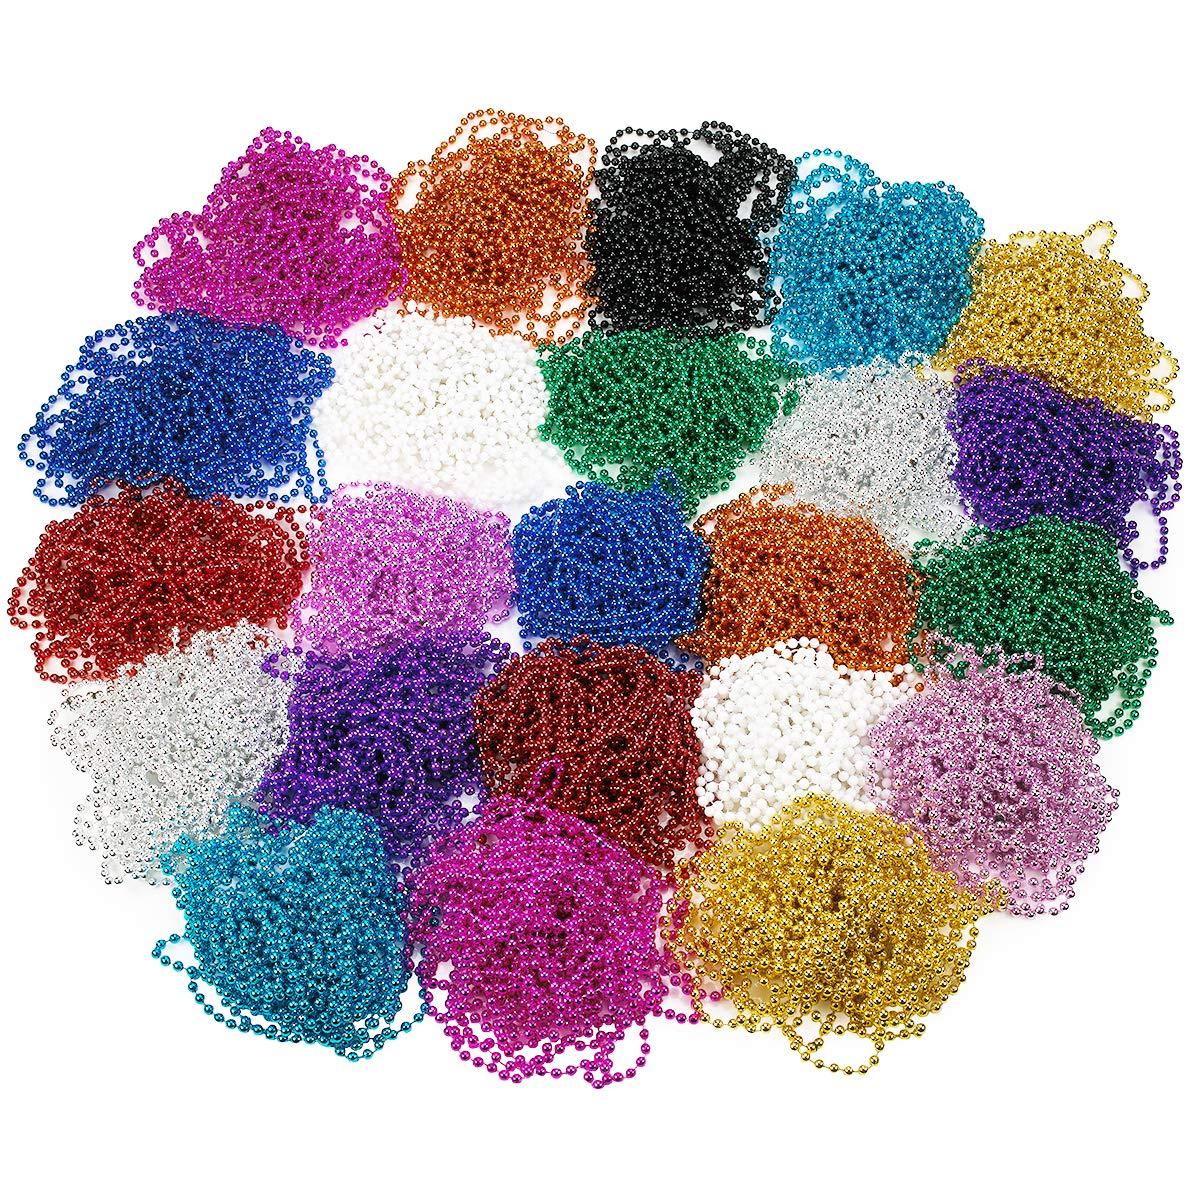 Mardi Gras 串珠项链 - 288 件金属散装派对礼品串珠项链适合儿童和成人 - 完美装扮服装和儿童时尚配饰 - Kidsco 出品